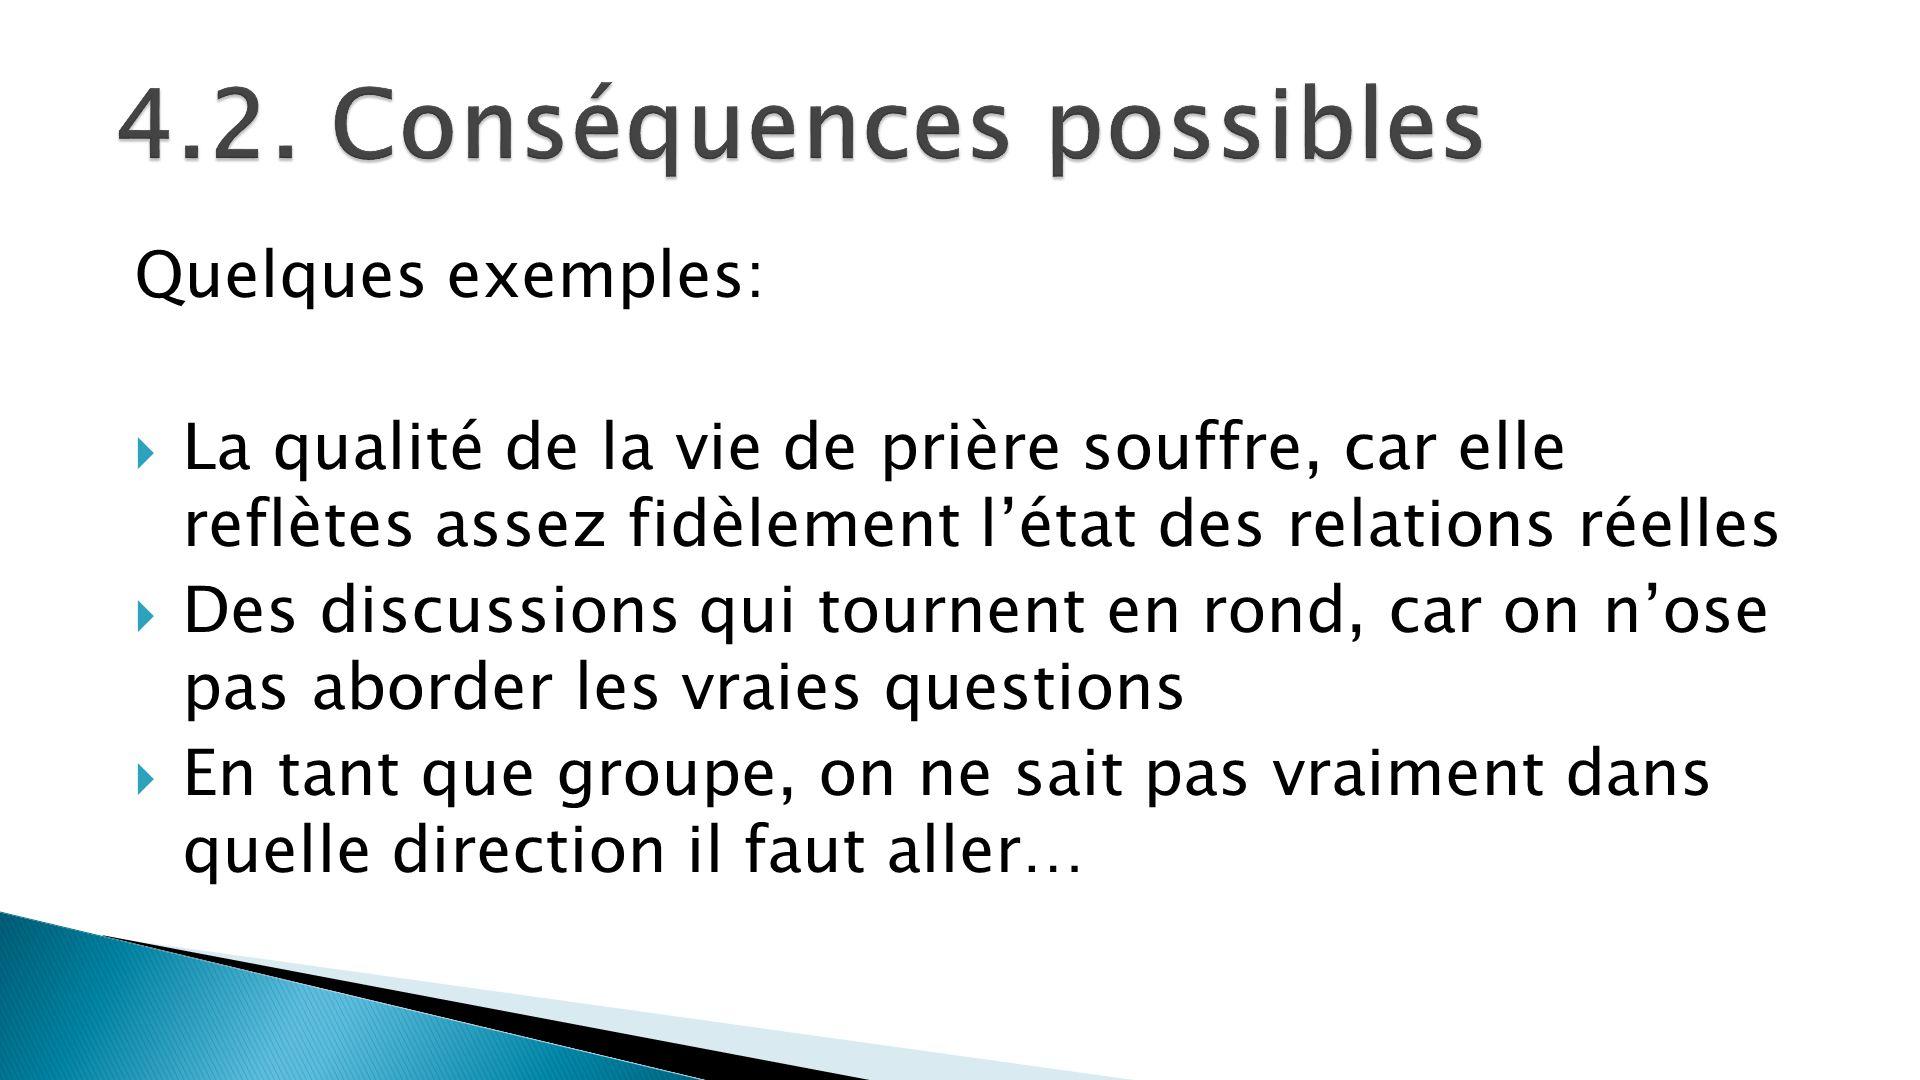 4.2. Conséquences possibles